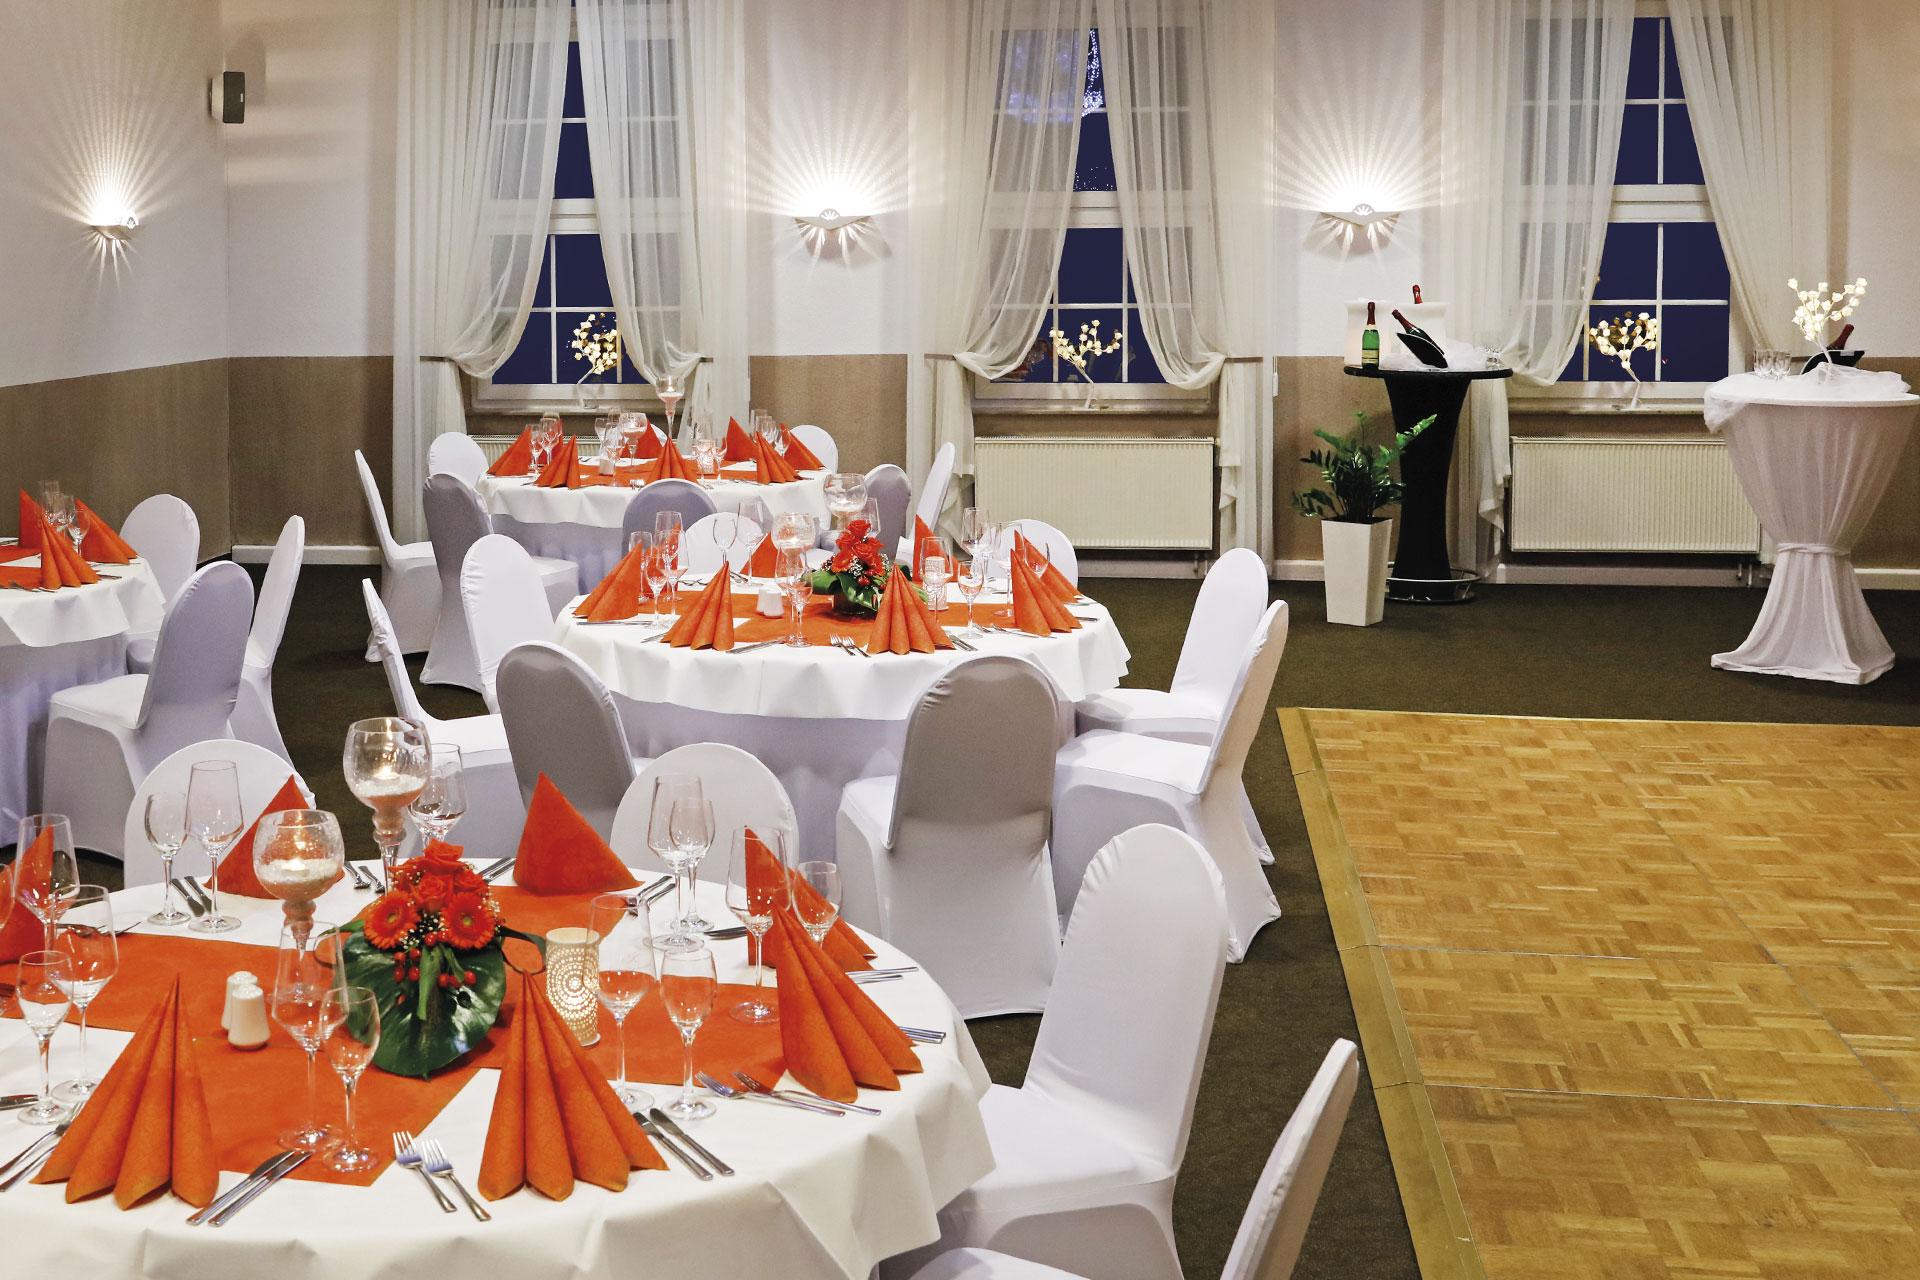 kastanie-festsaal5